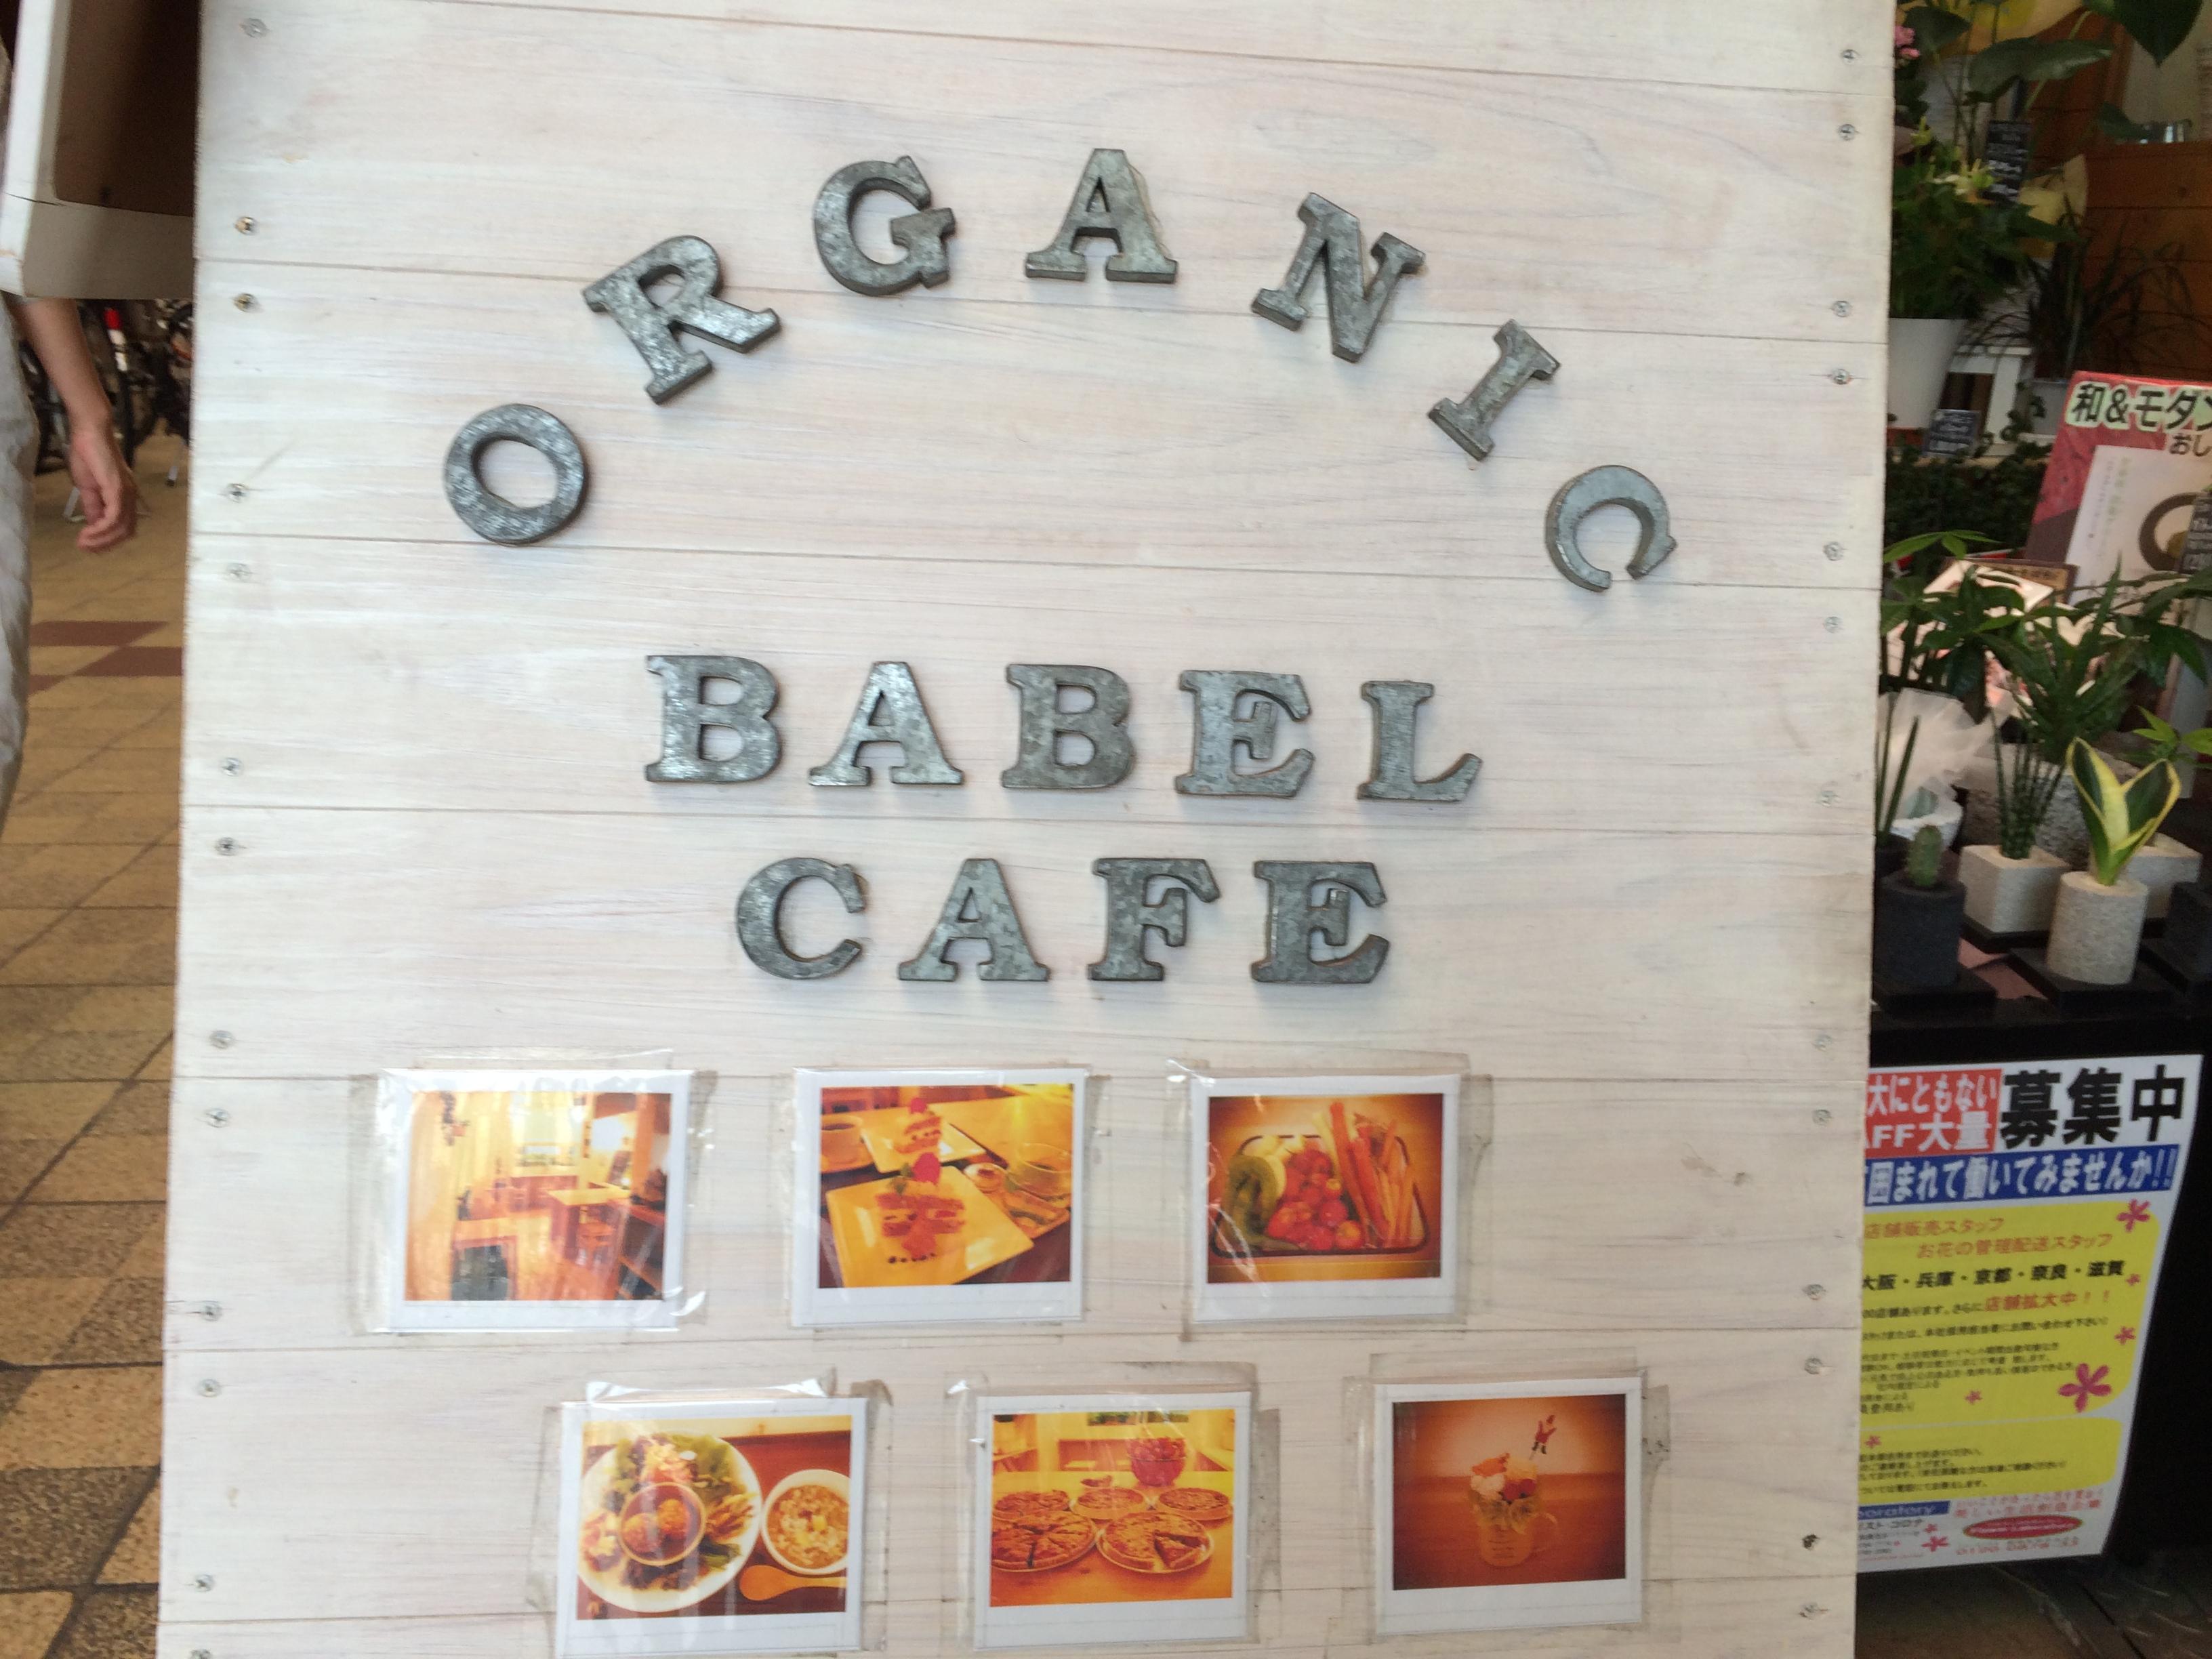 BABEL CAFE看板